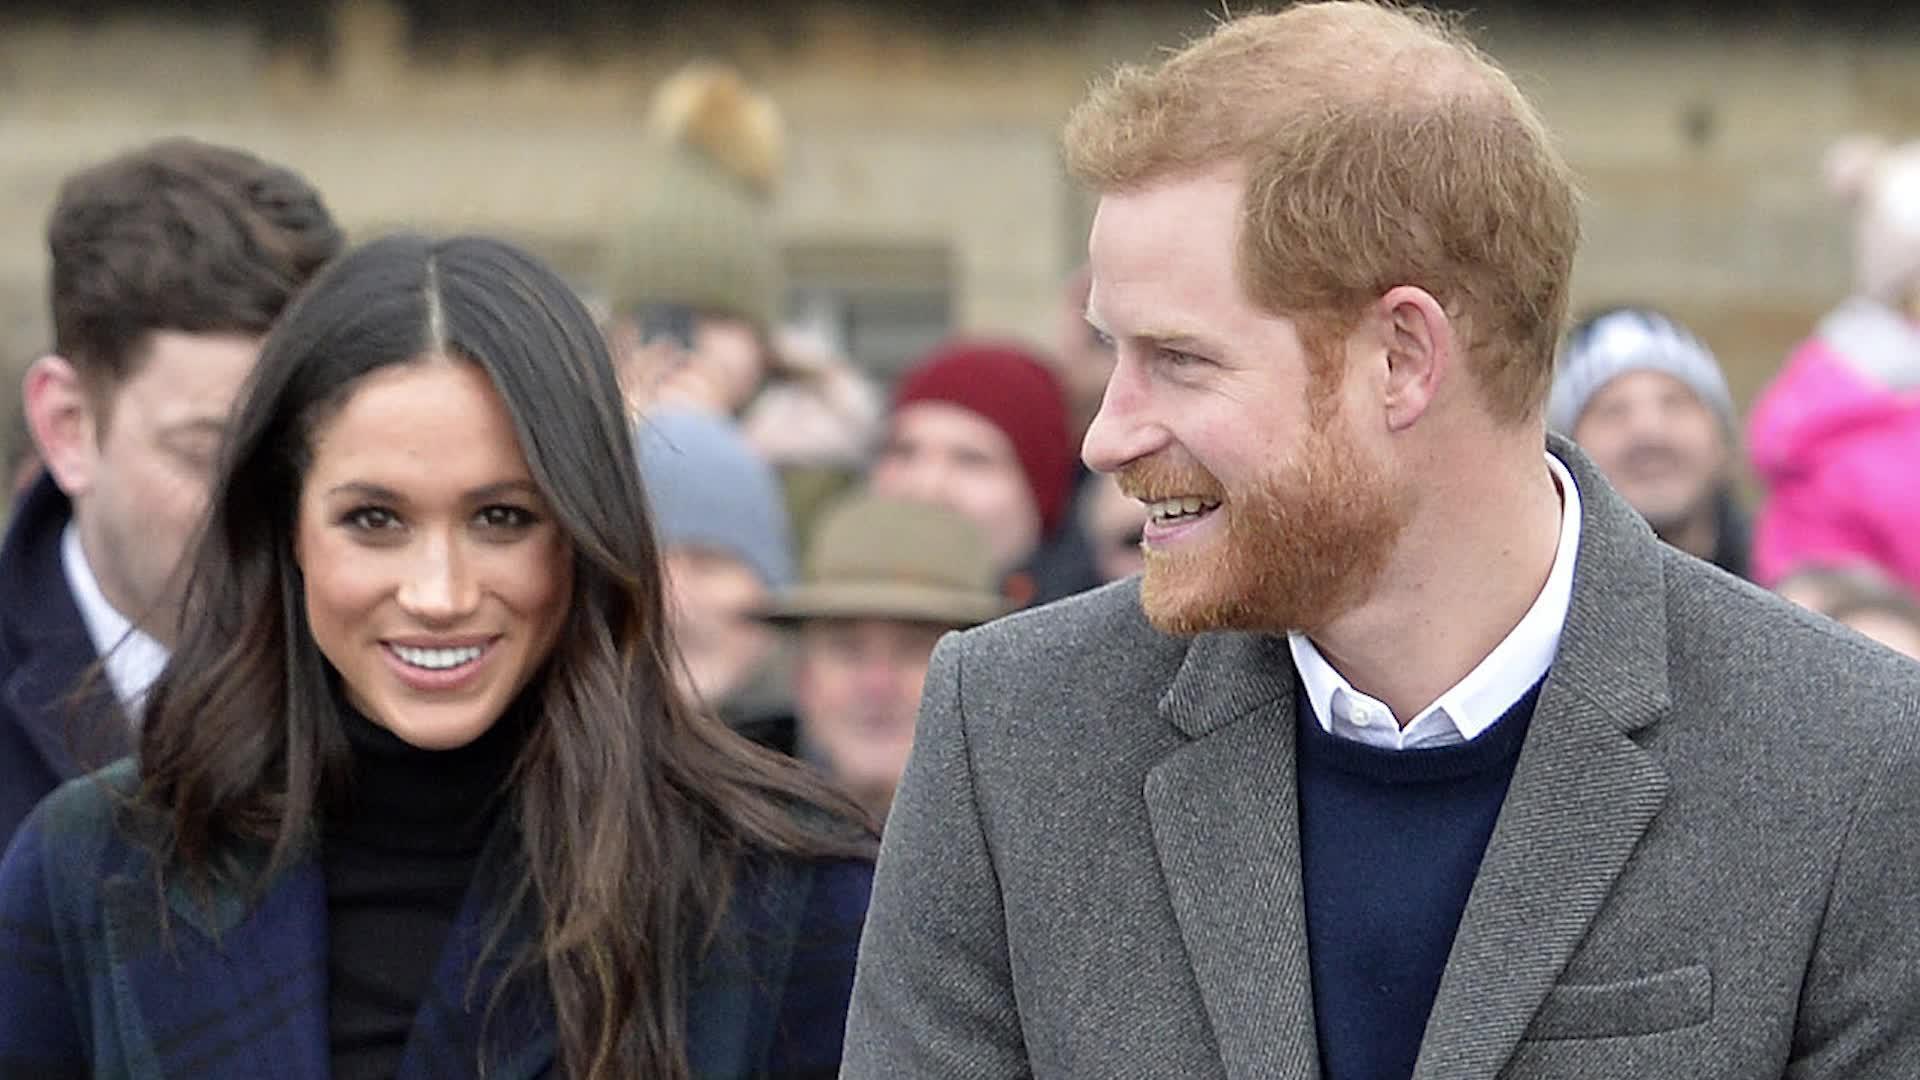 2045965034001 5749797772001 5749794999001 vs - Royal Wedding News